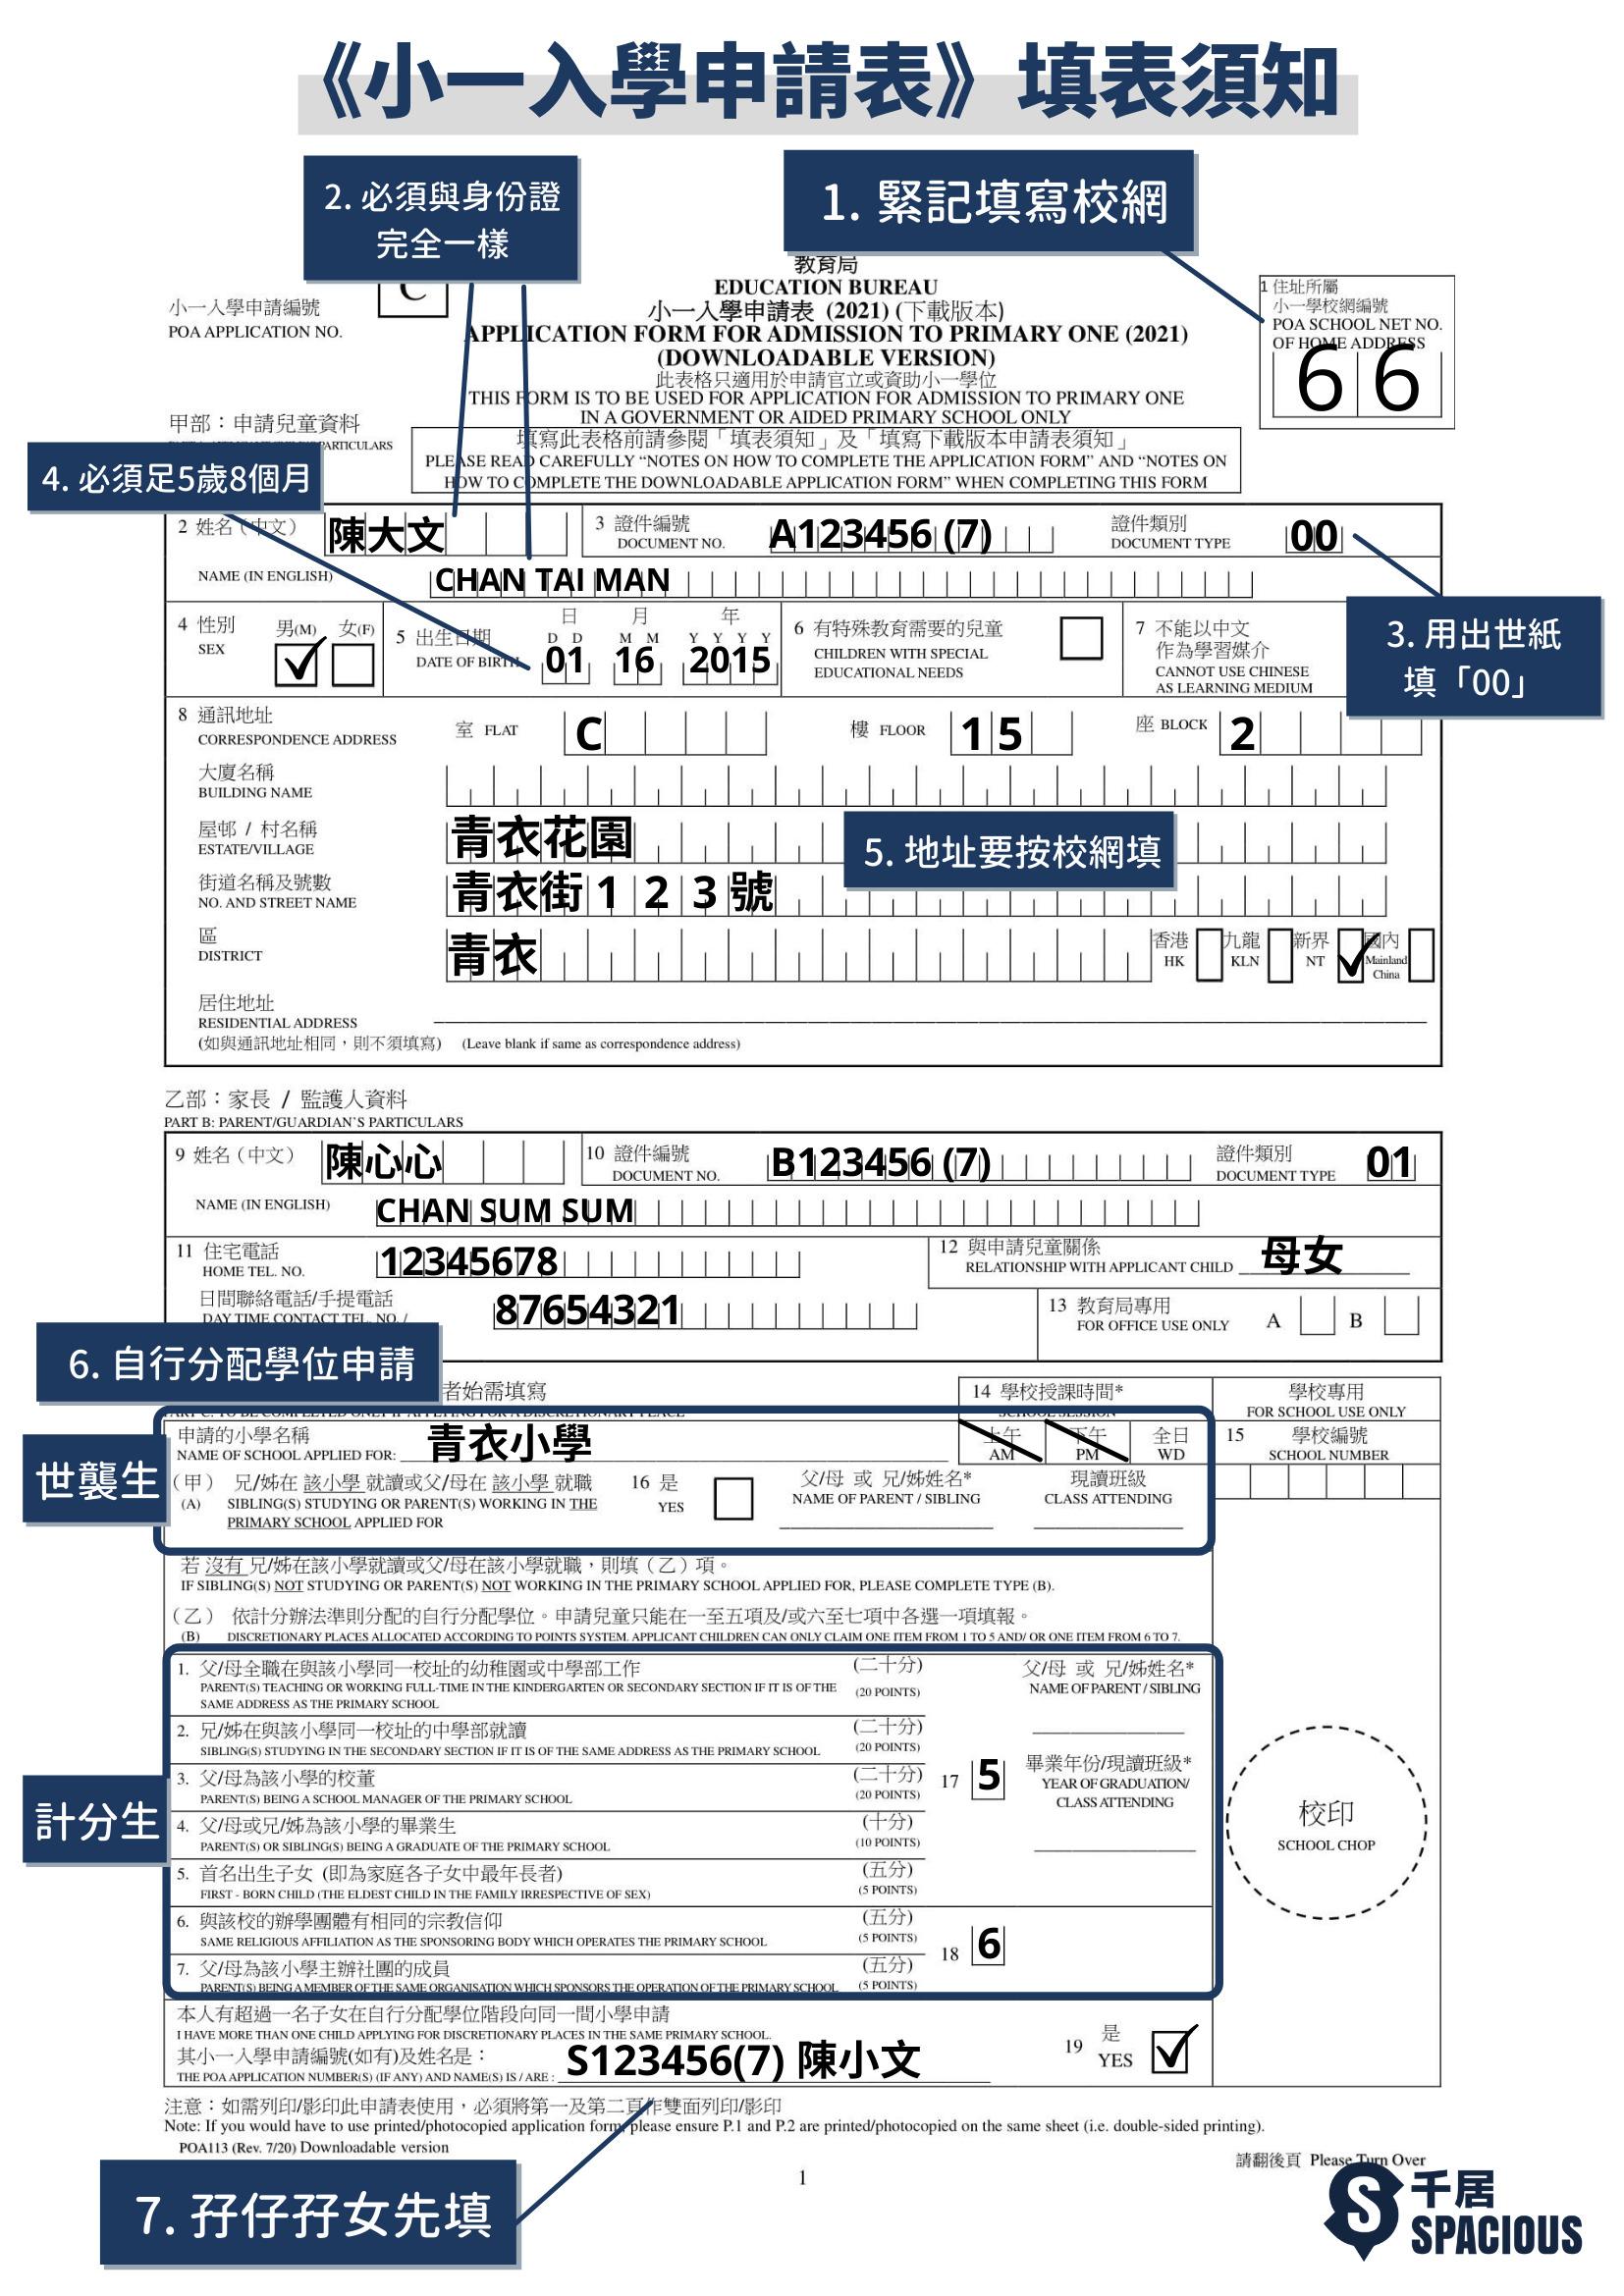 小一入學申請表樣本